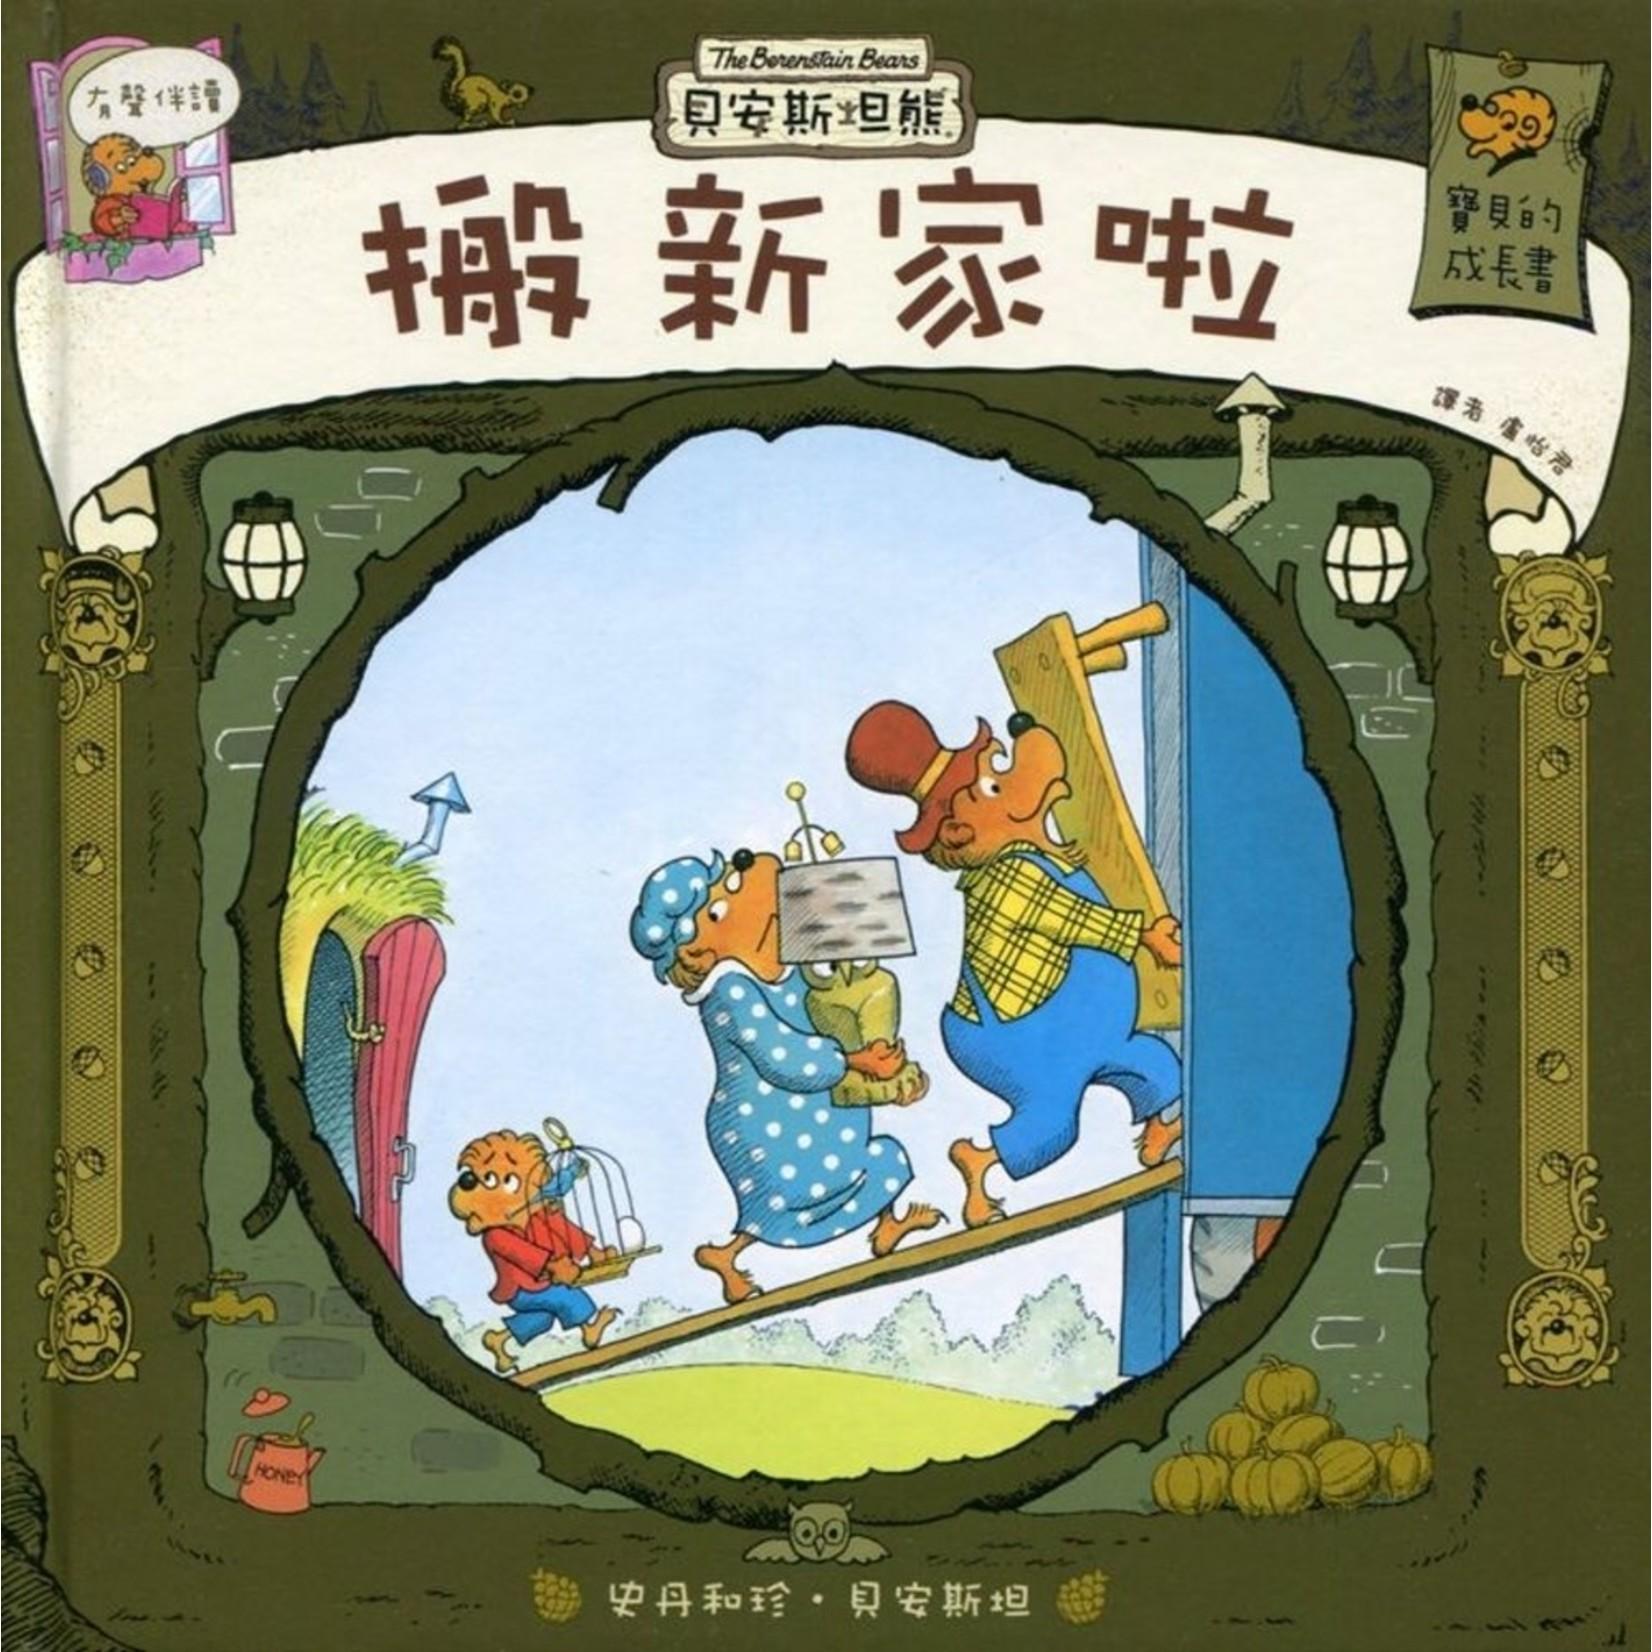 生命樹 Life Tree Global 貝安斯坦熊系列12:搬新家啦 The Berenstain Bears 12: Moving Day